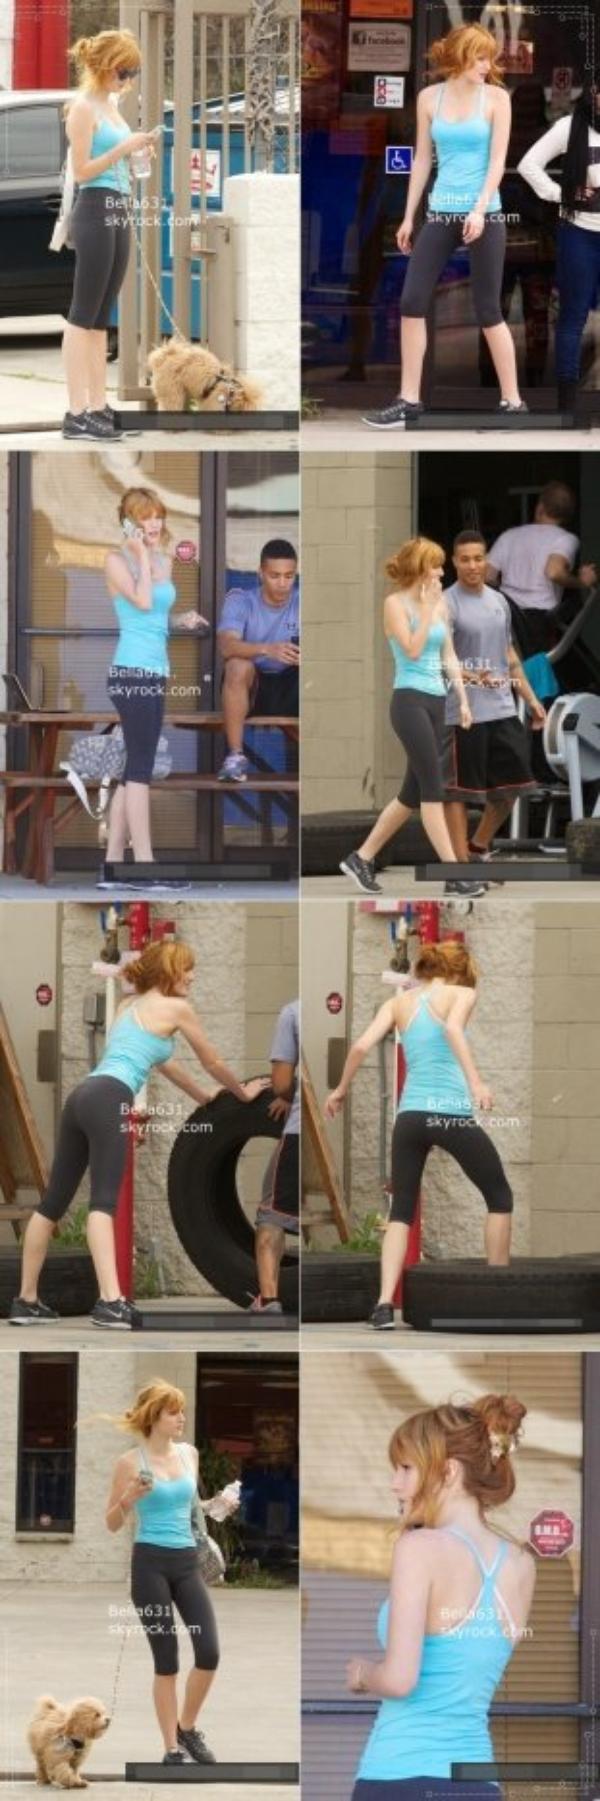 03/02/13 : Bella sur la route pendant qu'elle part à la gym